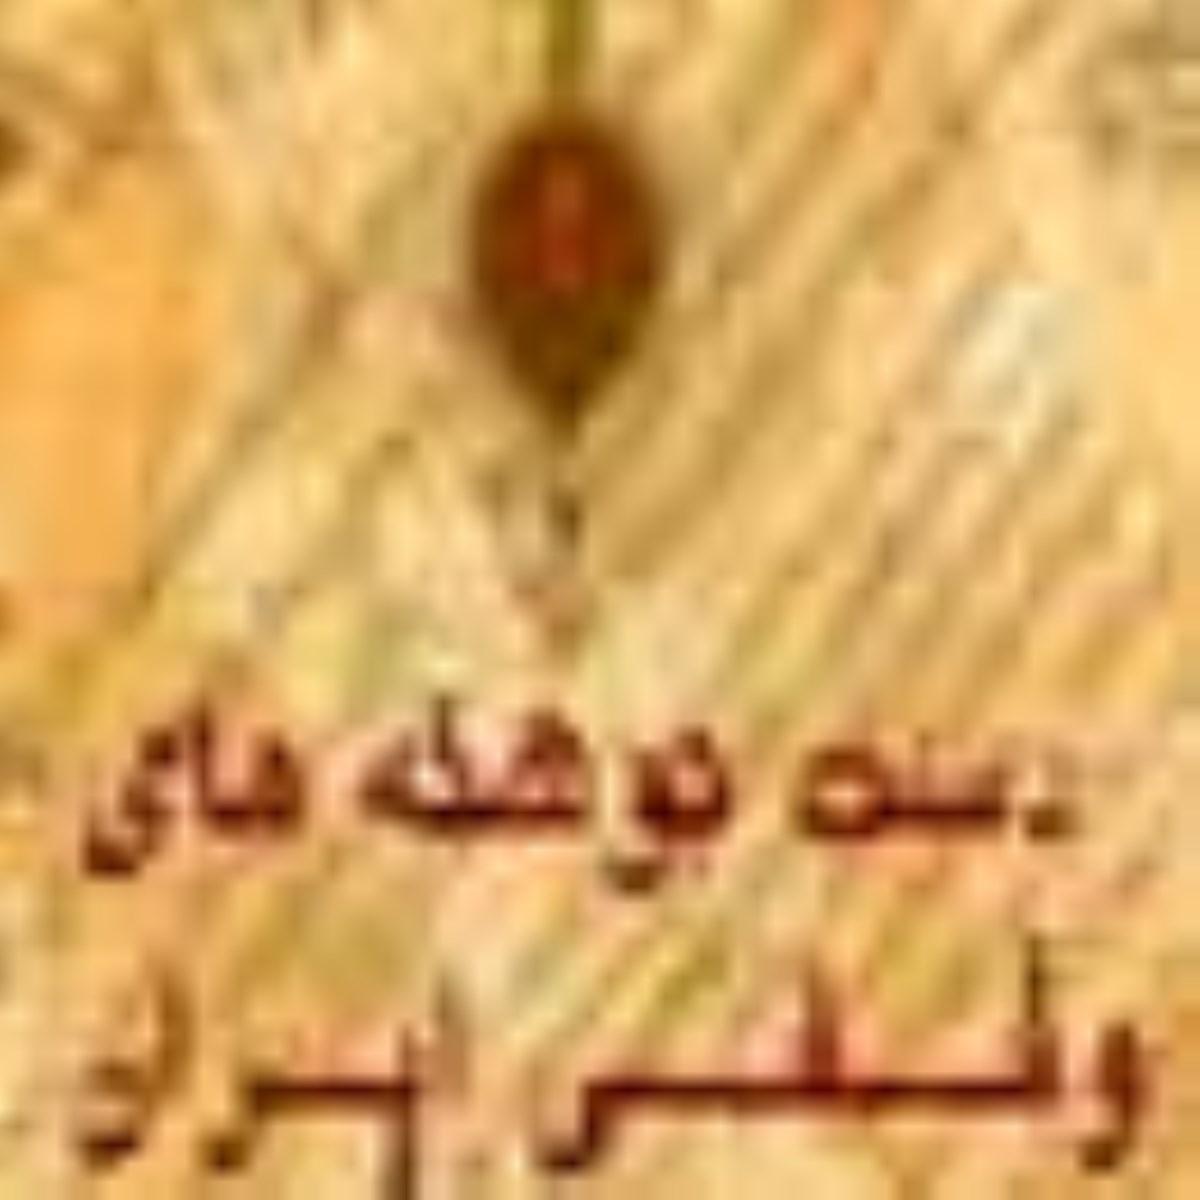 نگاهي به تاريخ دستنوشتههاي وقفي در ايران